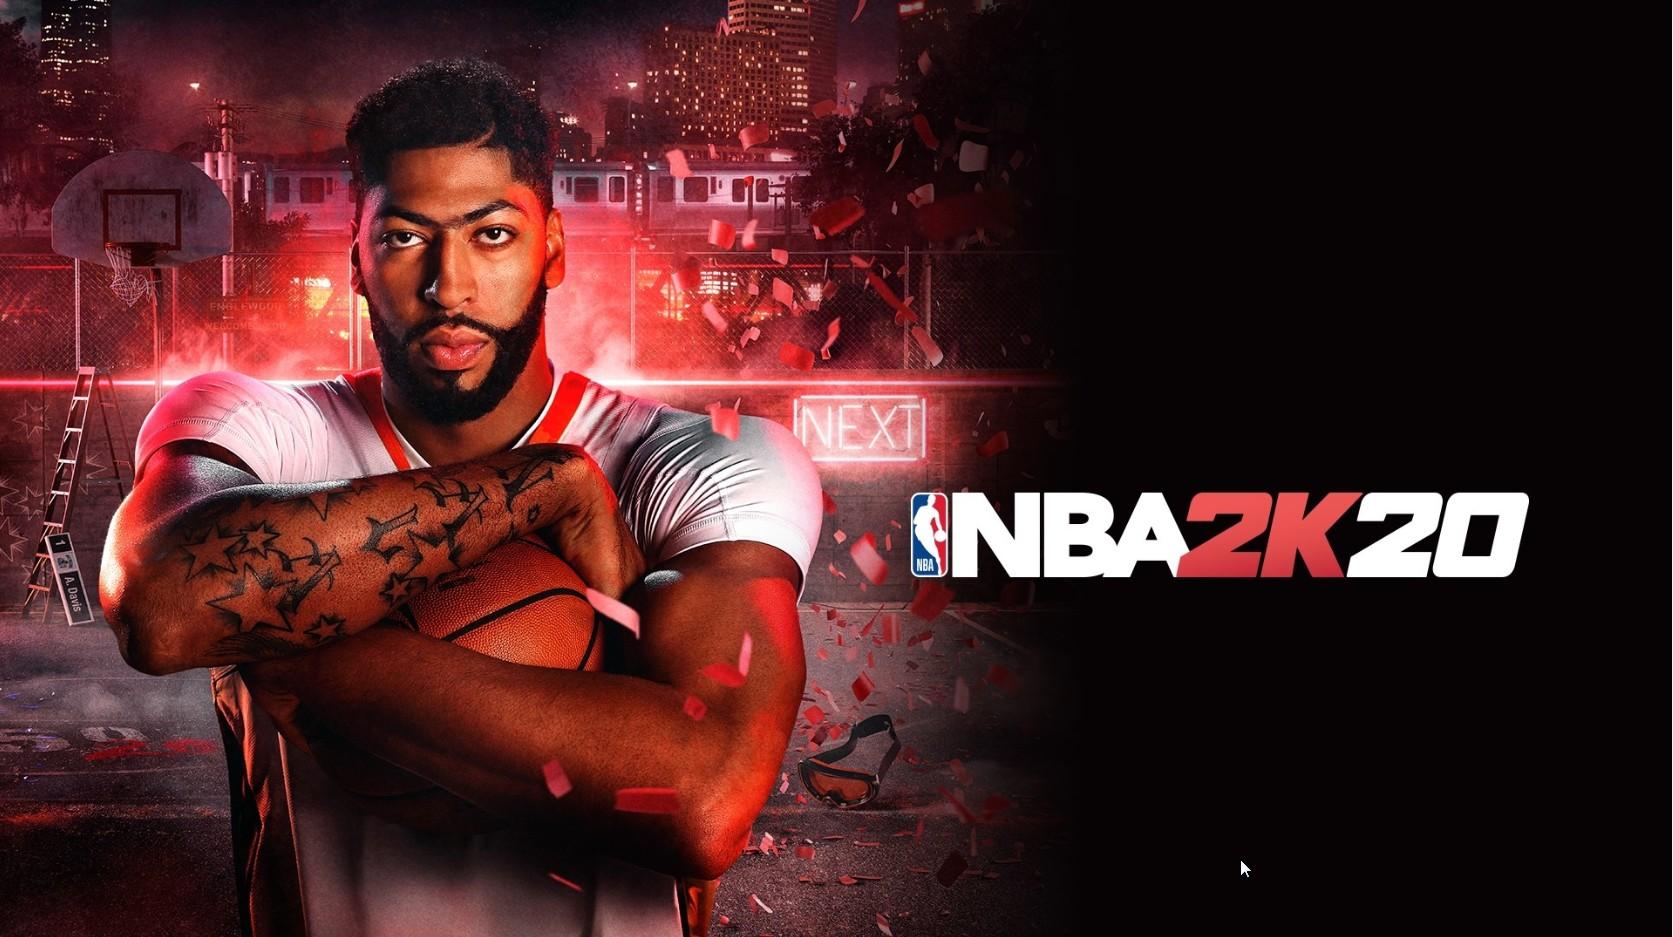 ۳ ویژگی جدید به بازی NBA 2K20 اضافه خواهد شد